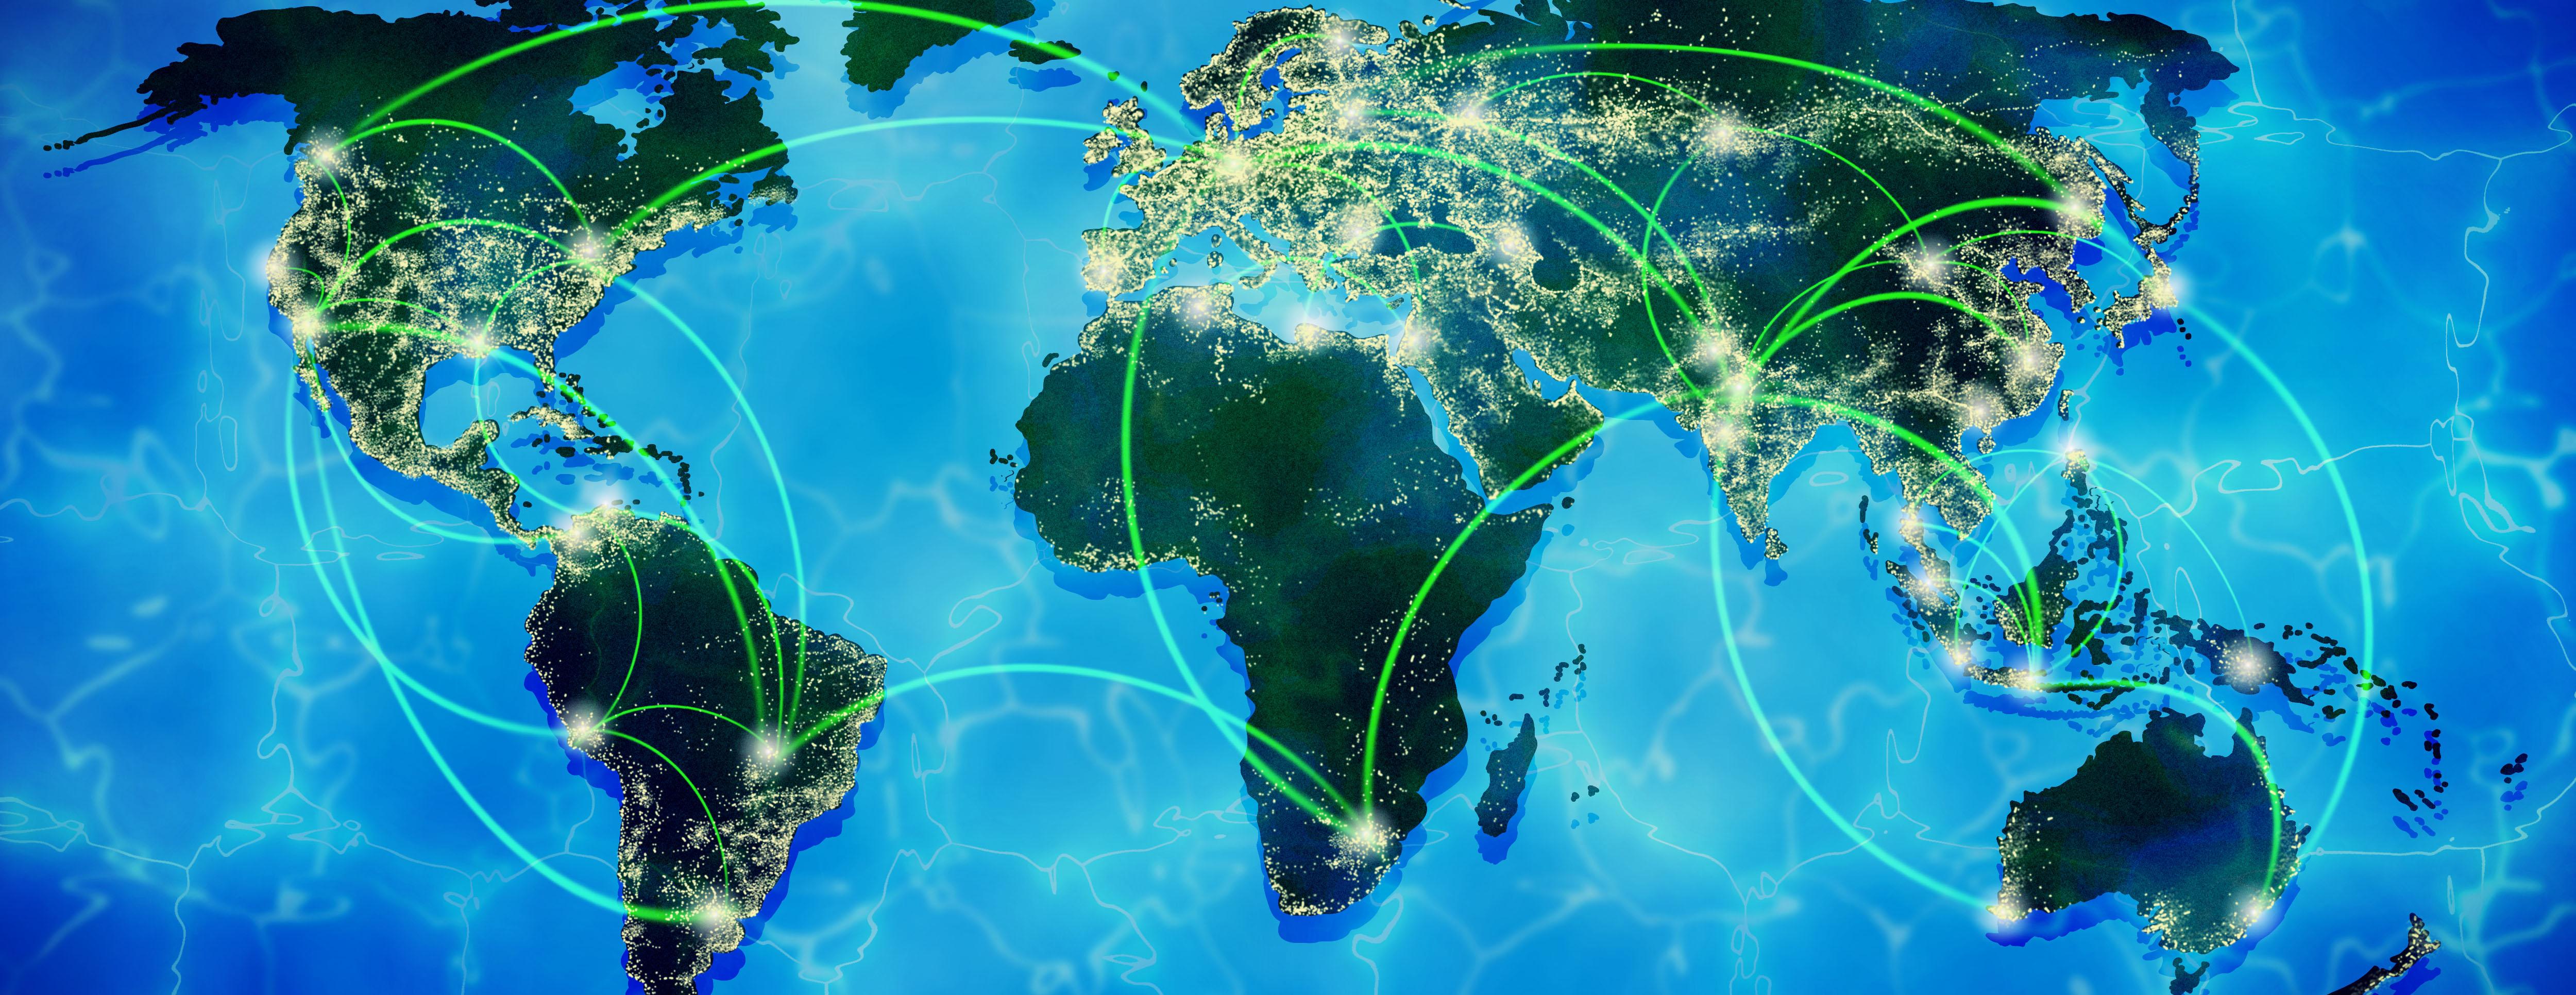 Kaupallistumispalvelut, kansainvälistymisvalmennus, kaupallistamispalvelut